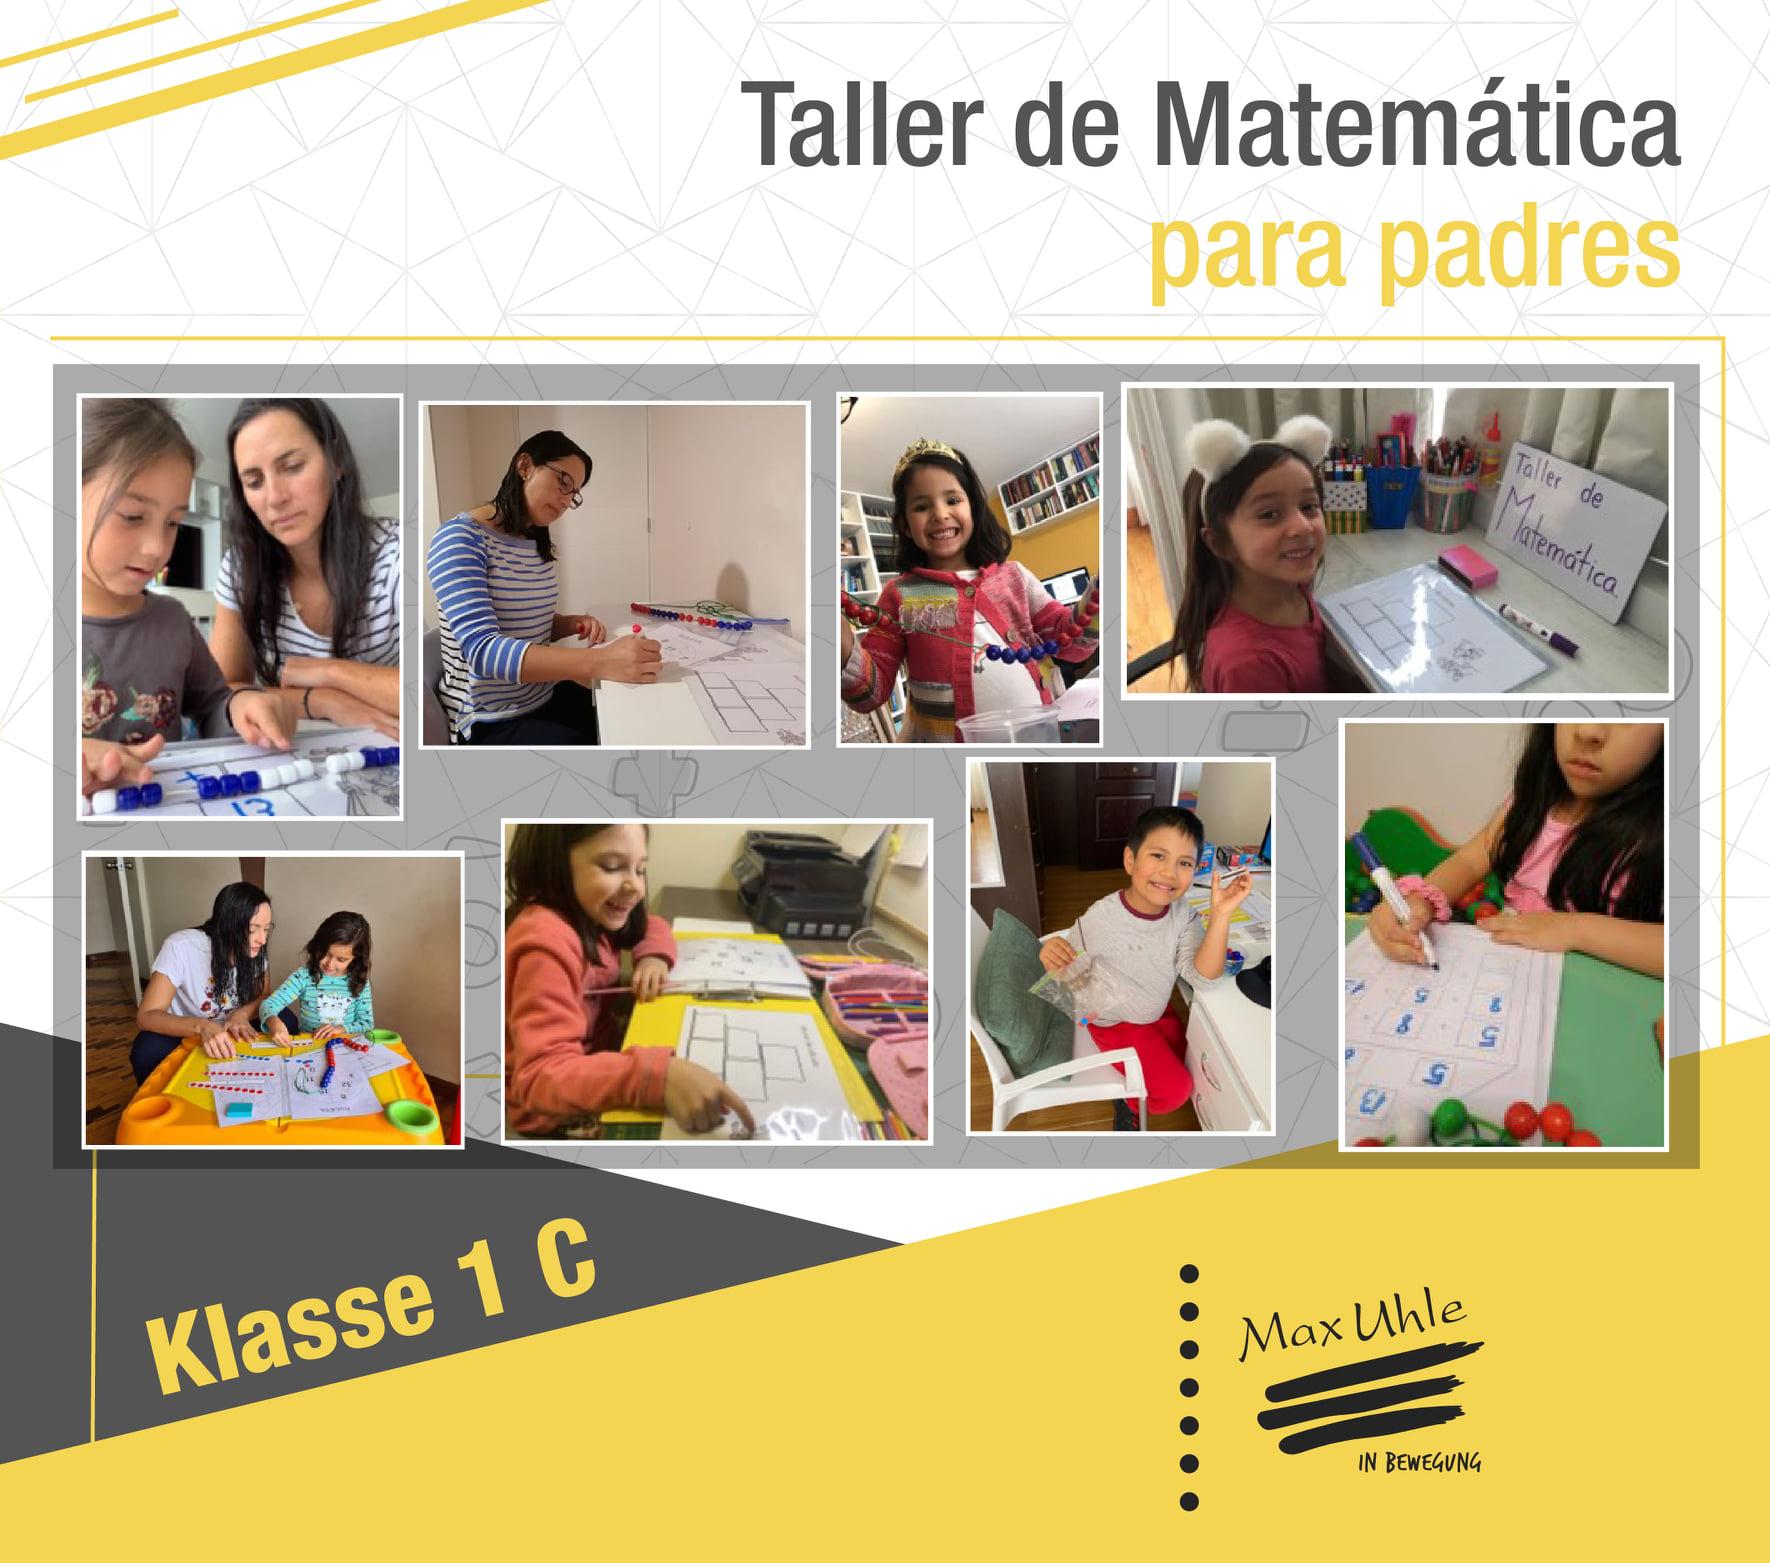 taller de matematica para padres clase 1 colegio max uhle (8)